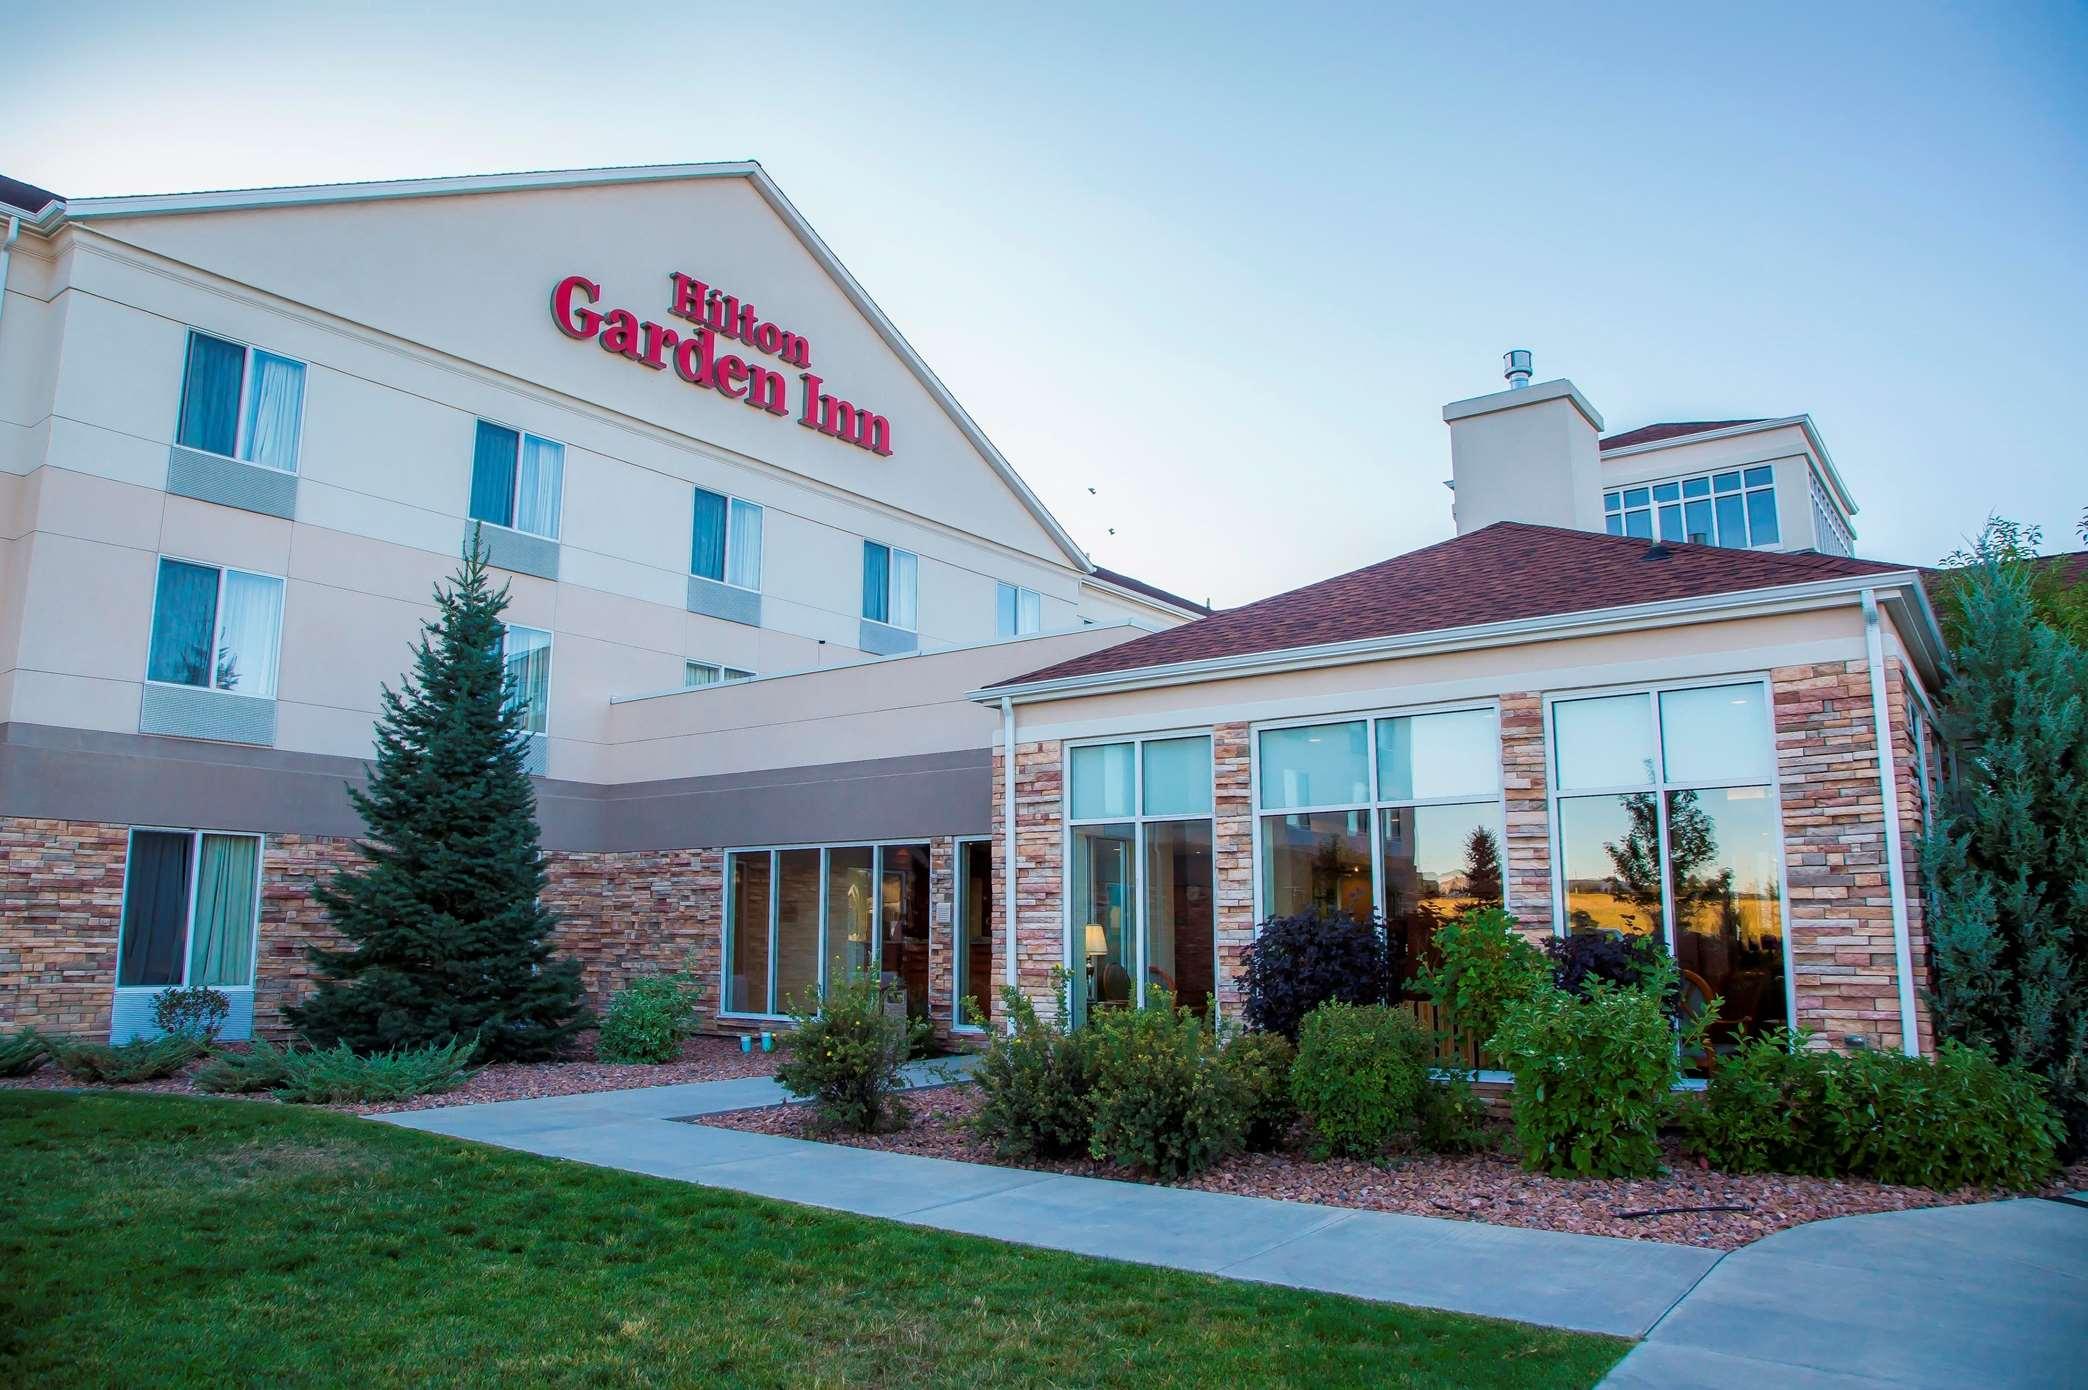 Hilton Garden Inn Colorado Springs Airport image 3